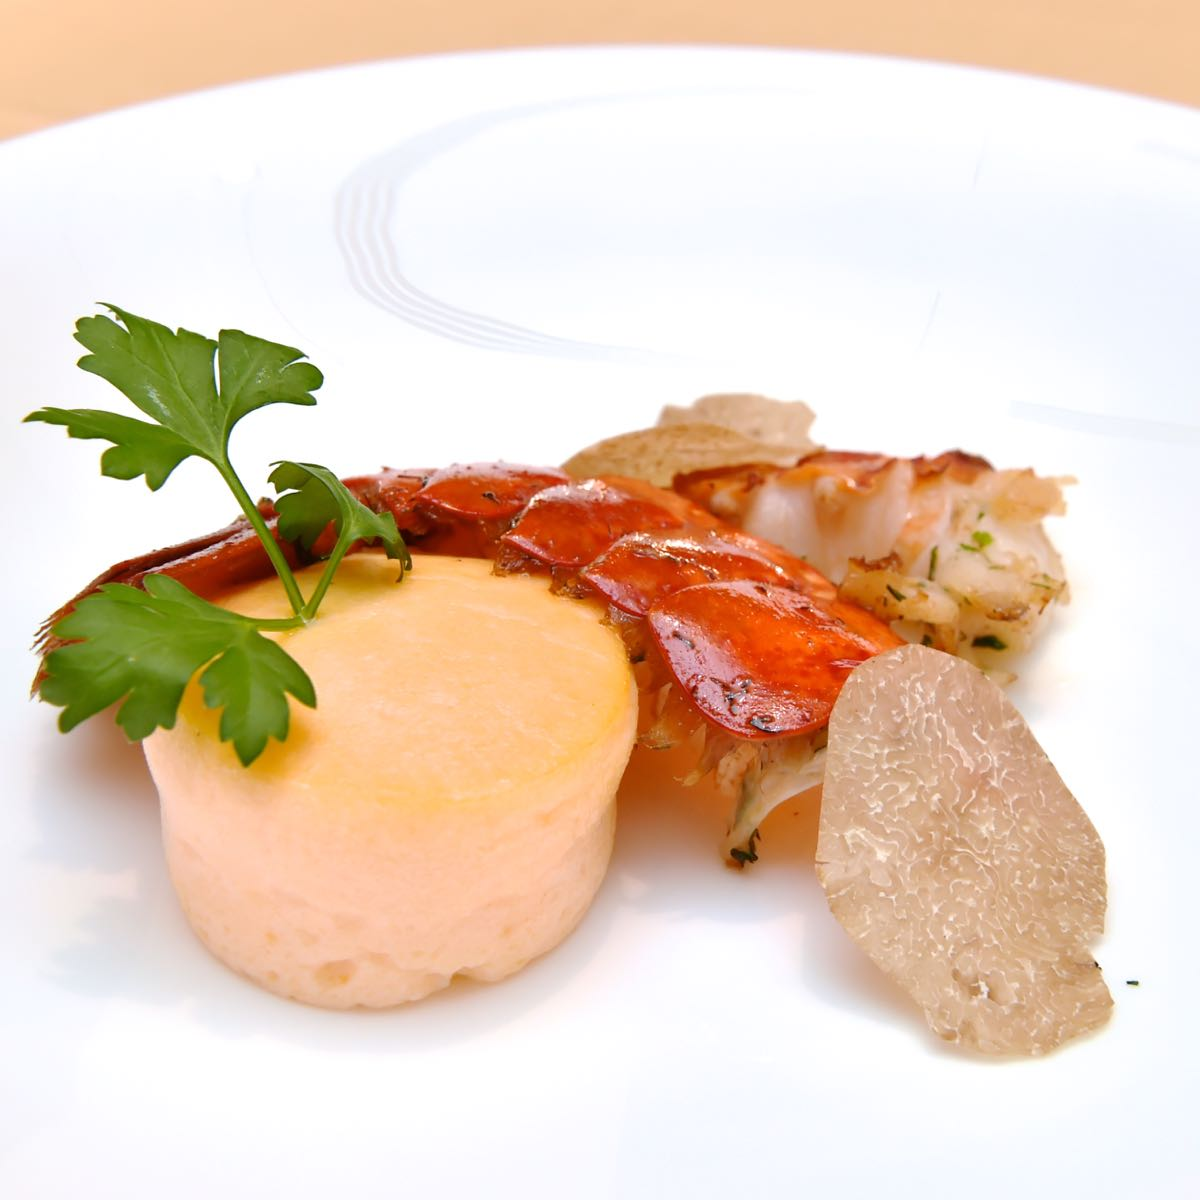 ロブスターのポワレ バニラ香るロブスターソース トリュフとマッシュルームのデュクセルを入れたムースリーヌ